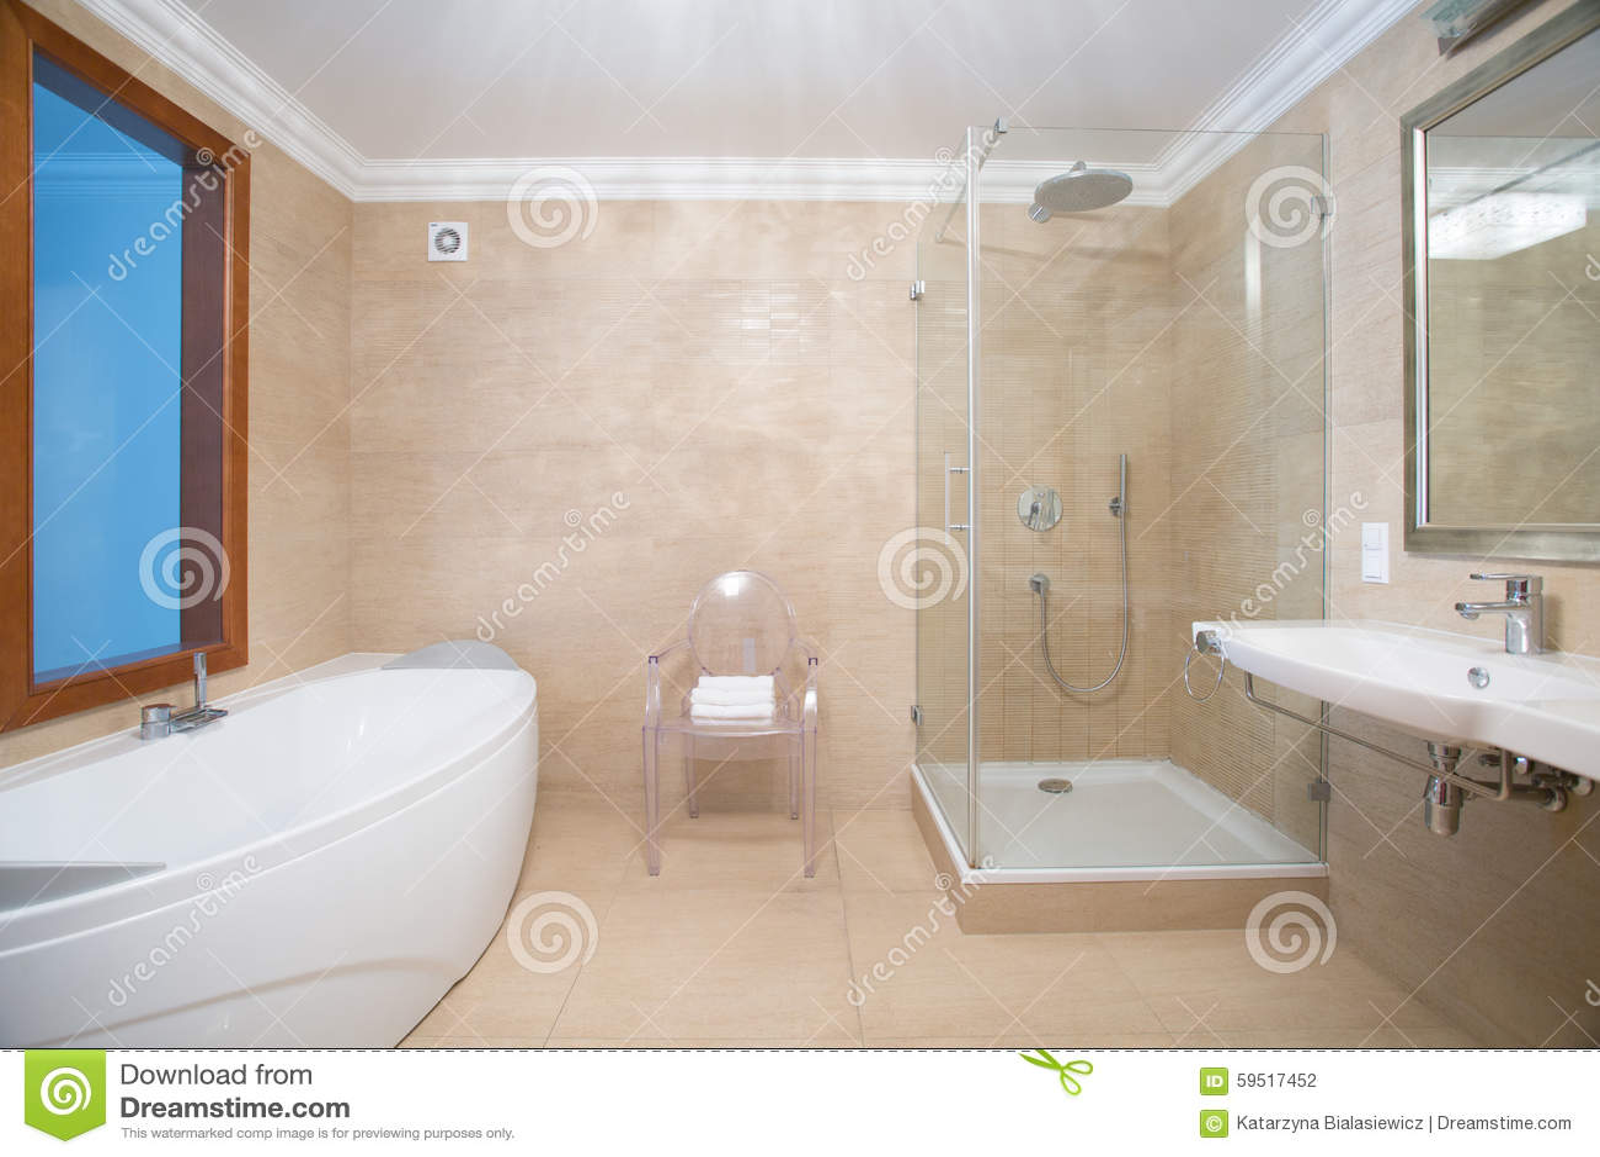 Cuarto De Baño Con La Ducha Y La Bañera Foto de archivo - Imagen de ...